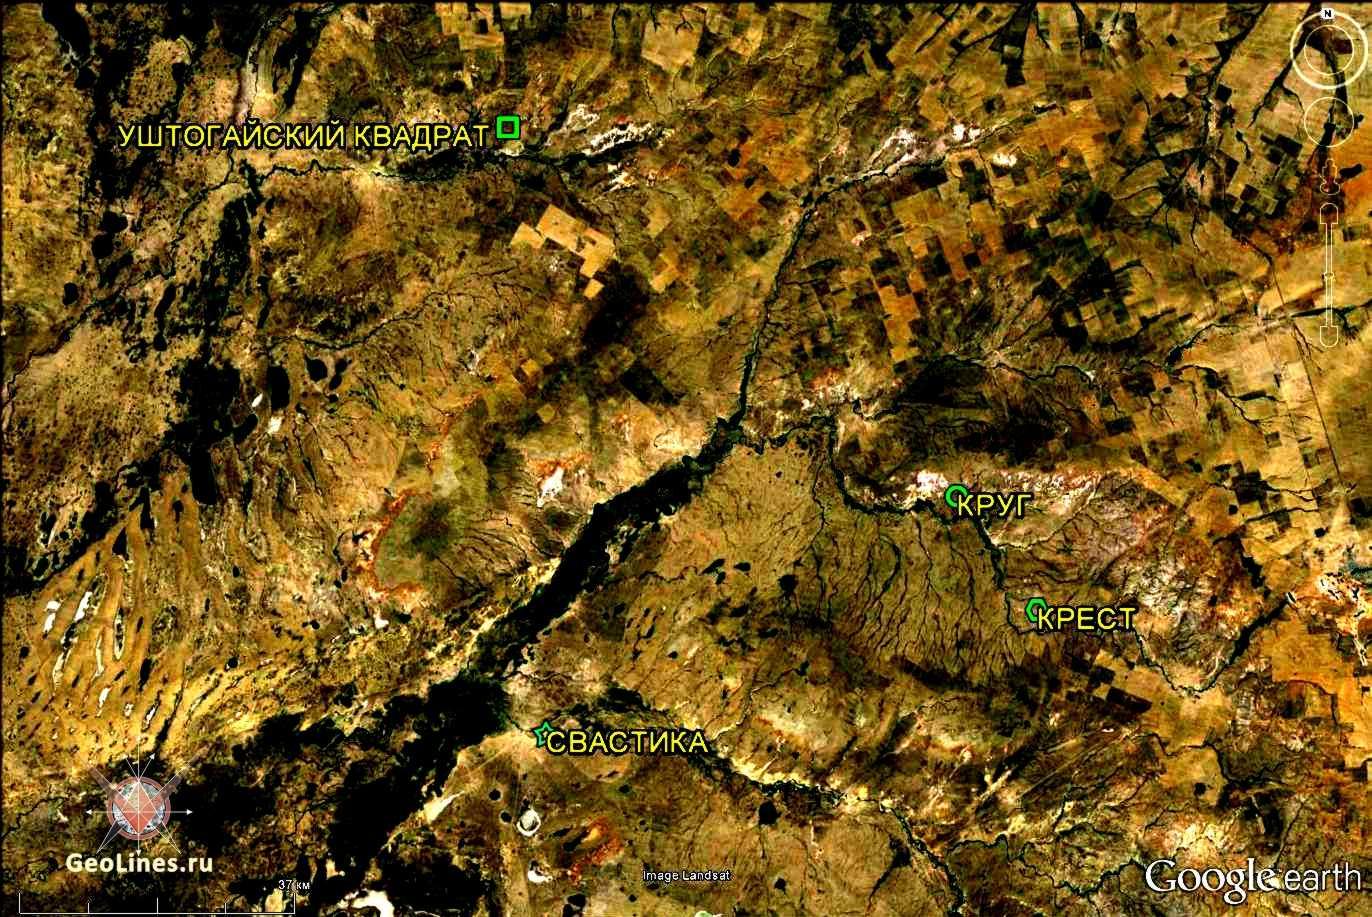 УШТОГАЙСКИЙ КВАДРАТ ФОТО КАРТА КООРДИНАТЫ Тургайская свастика Шилийский квадрат АщитастинкиЙ крест